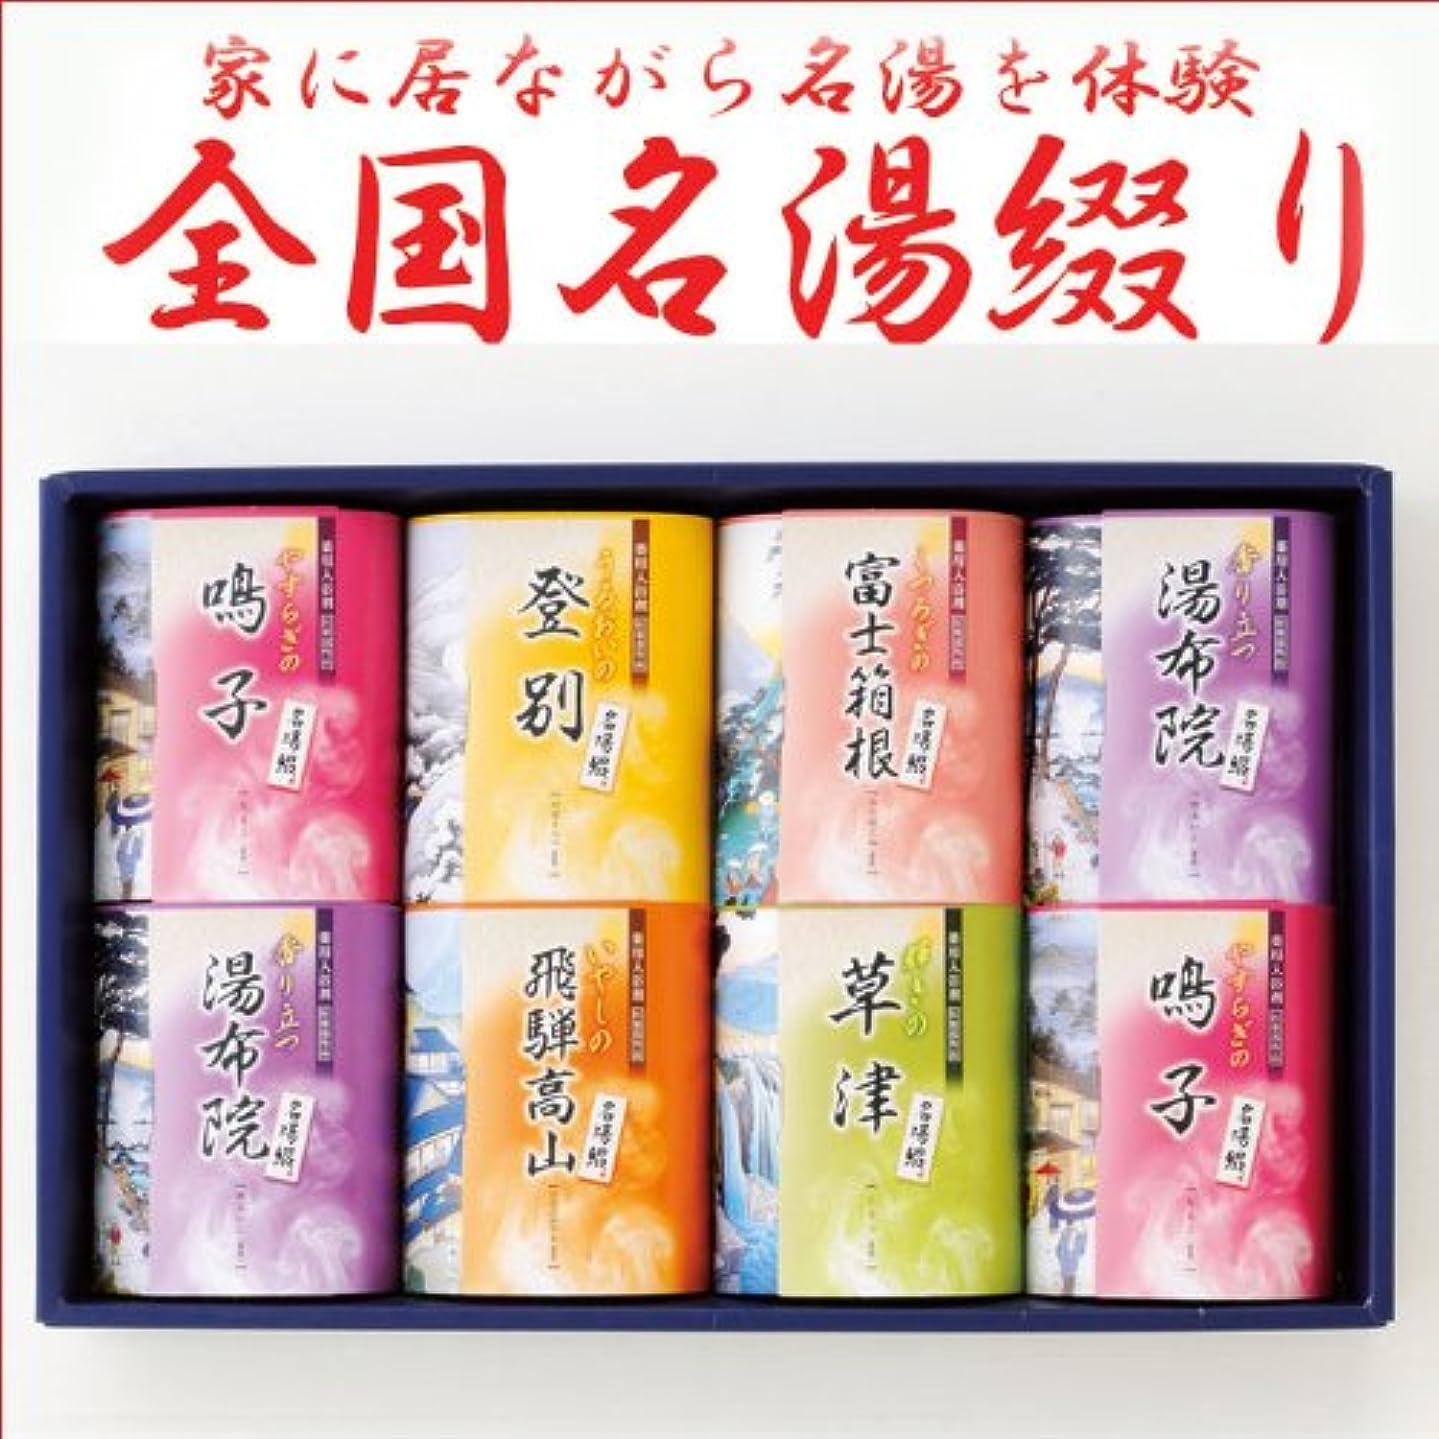 必要ない大聖堂不快日本全国名湯の温泉巡り入浴剤ギフトセット